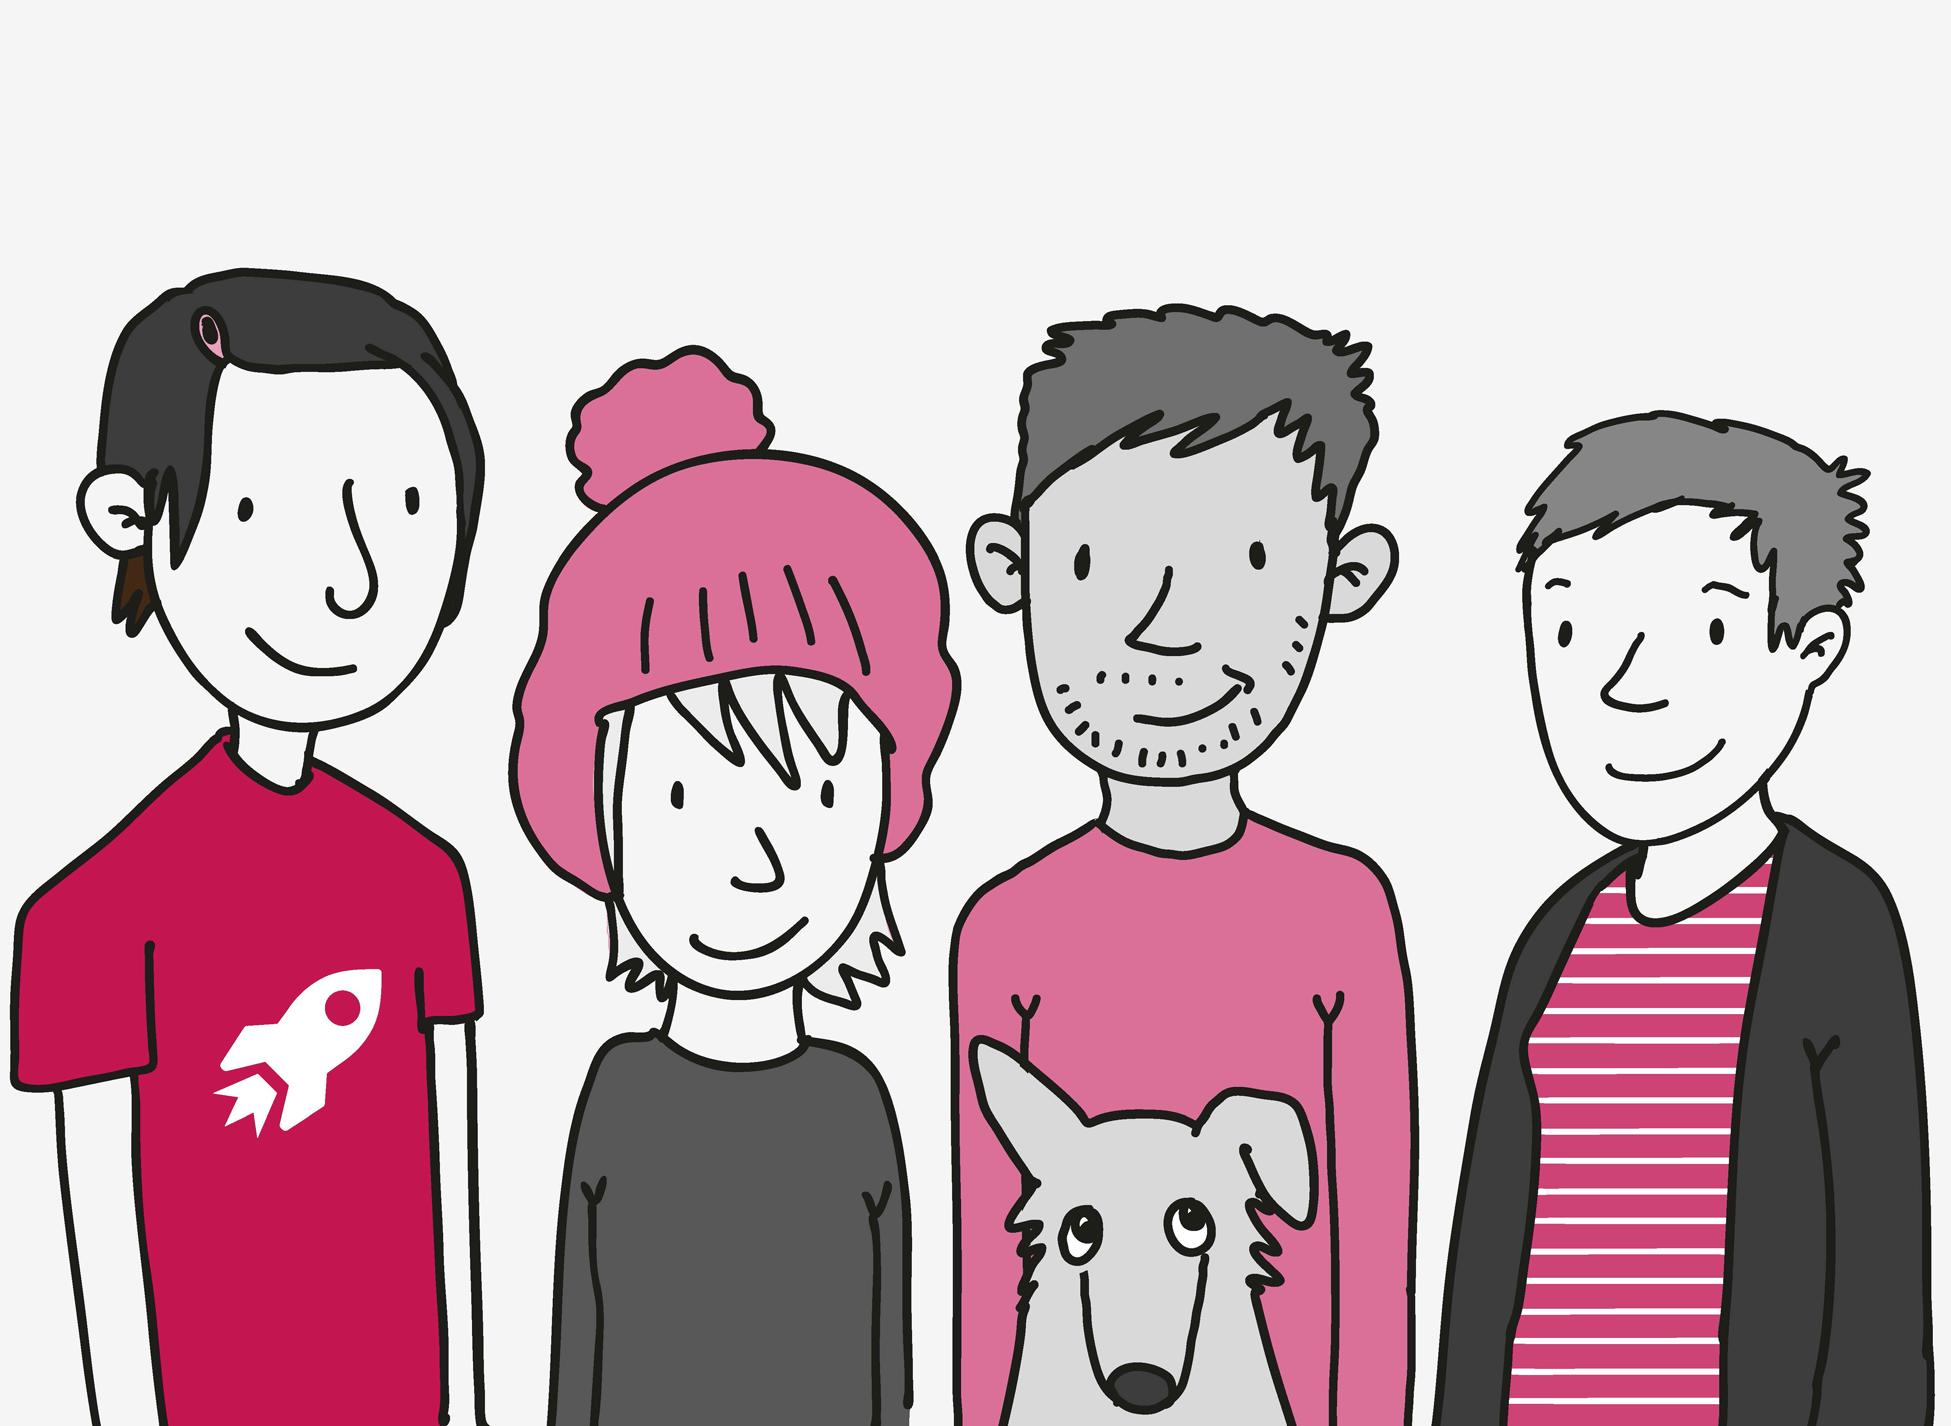 4 junge Menschen stehen lächelnd nebeneinander. Ein kleiner Hund mit Knick-Ohr schielt von unten ins Bild.